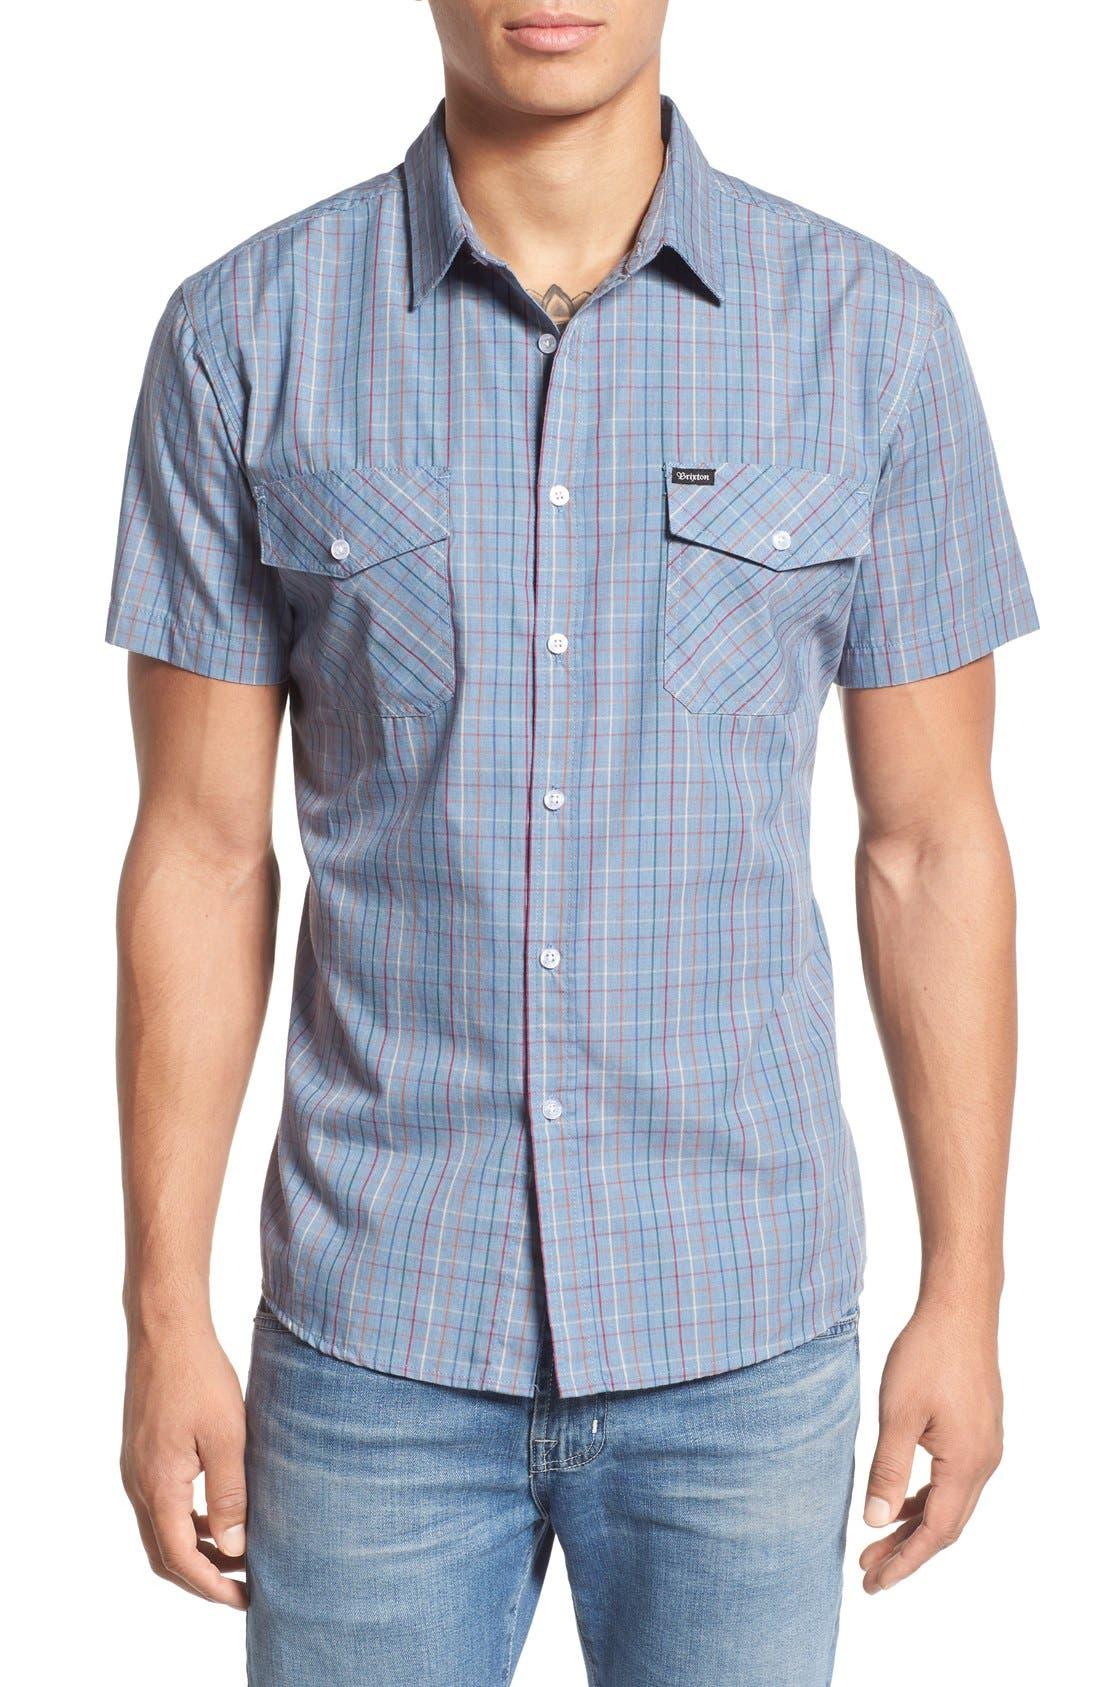 'Memphis' Trim Fit Plaid Short Sleeve Woven Shirt,                         Main,                         color, Washed Blue